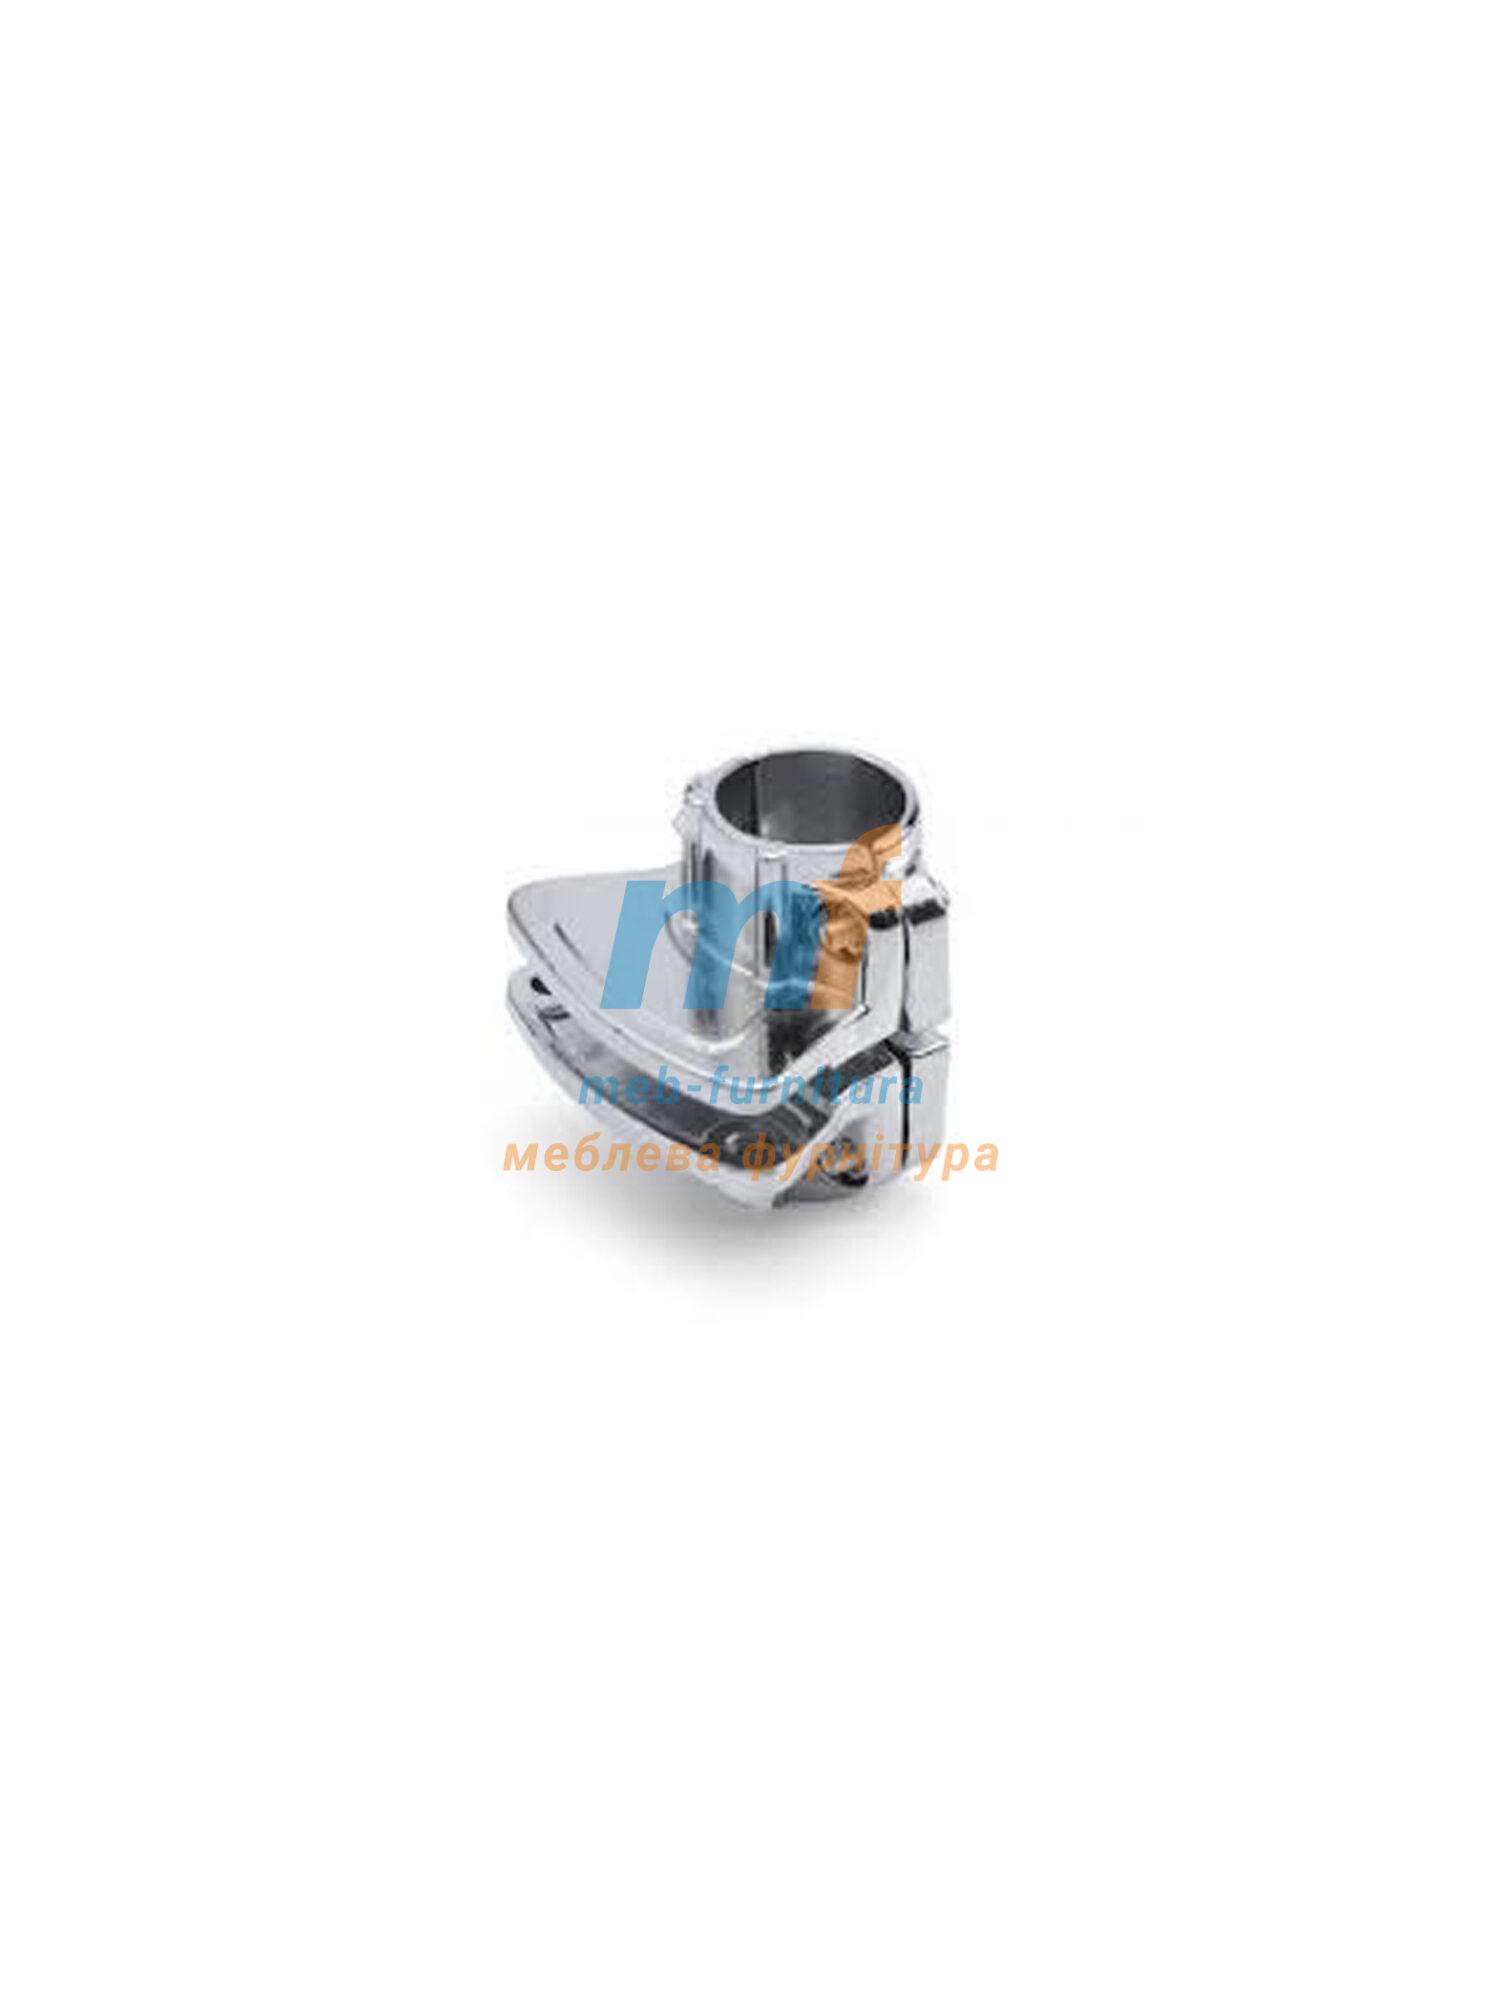 Крепеж односторонний r-61 для трубы 25мм 8н16